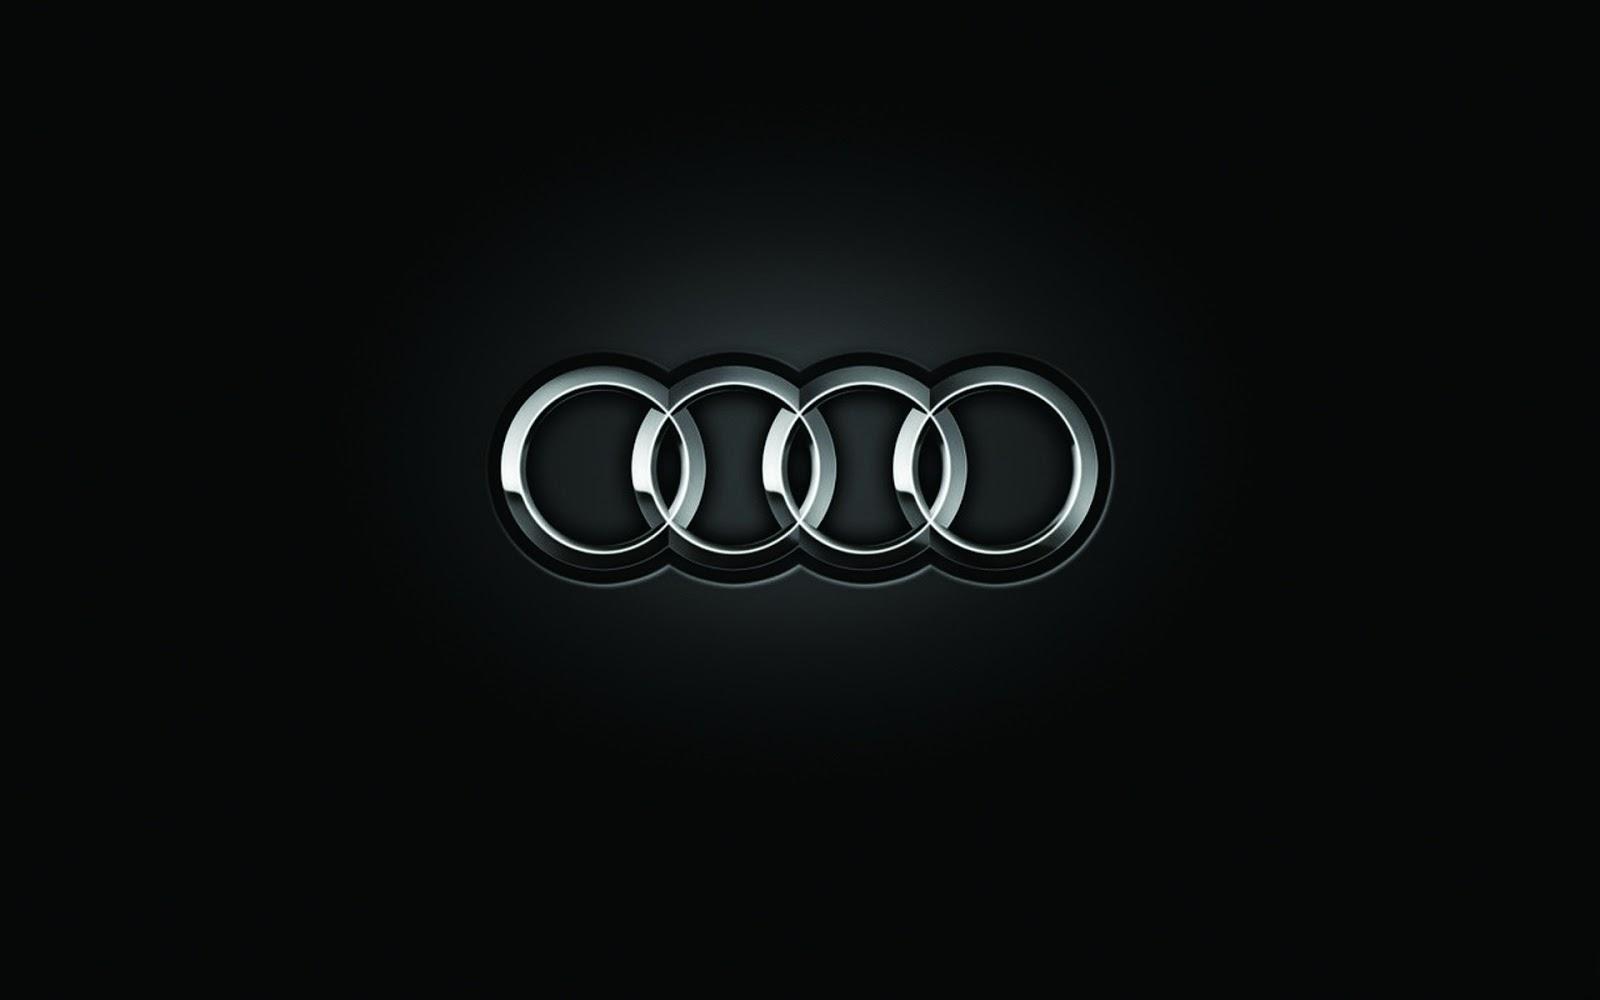 Audi-emblem